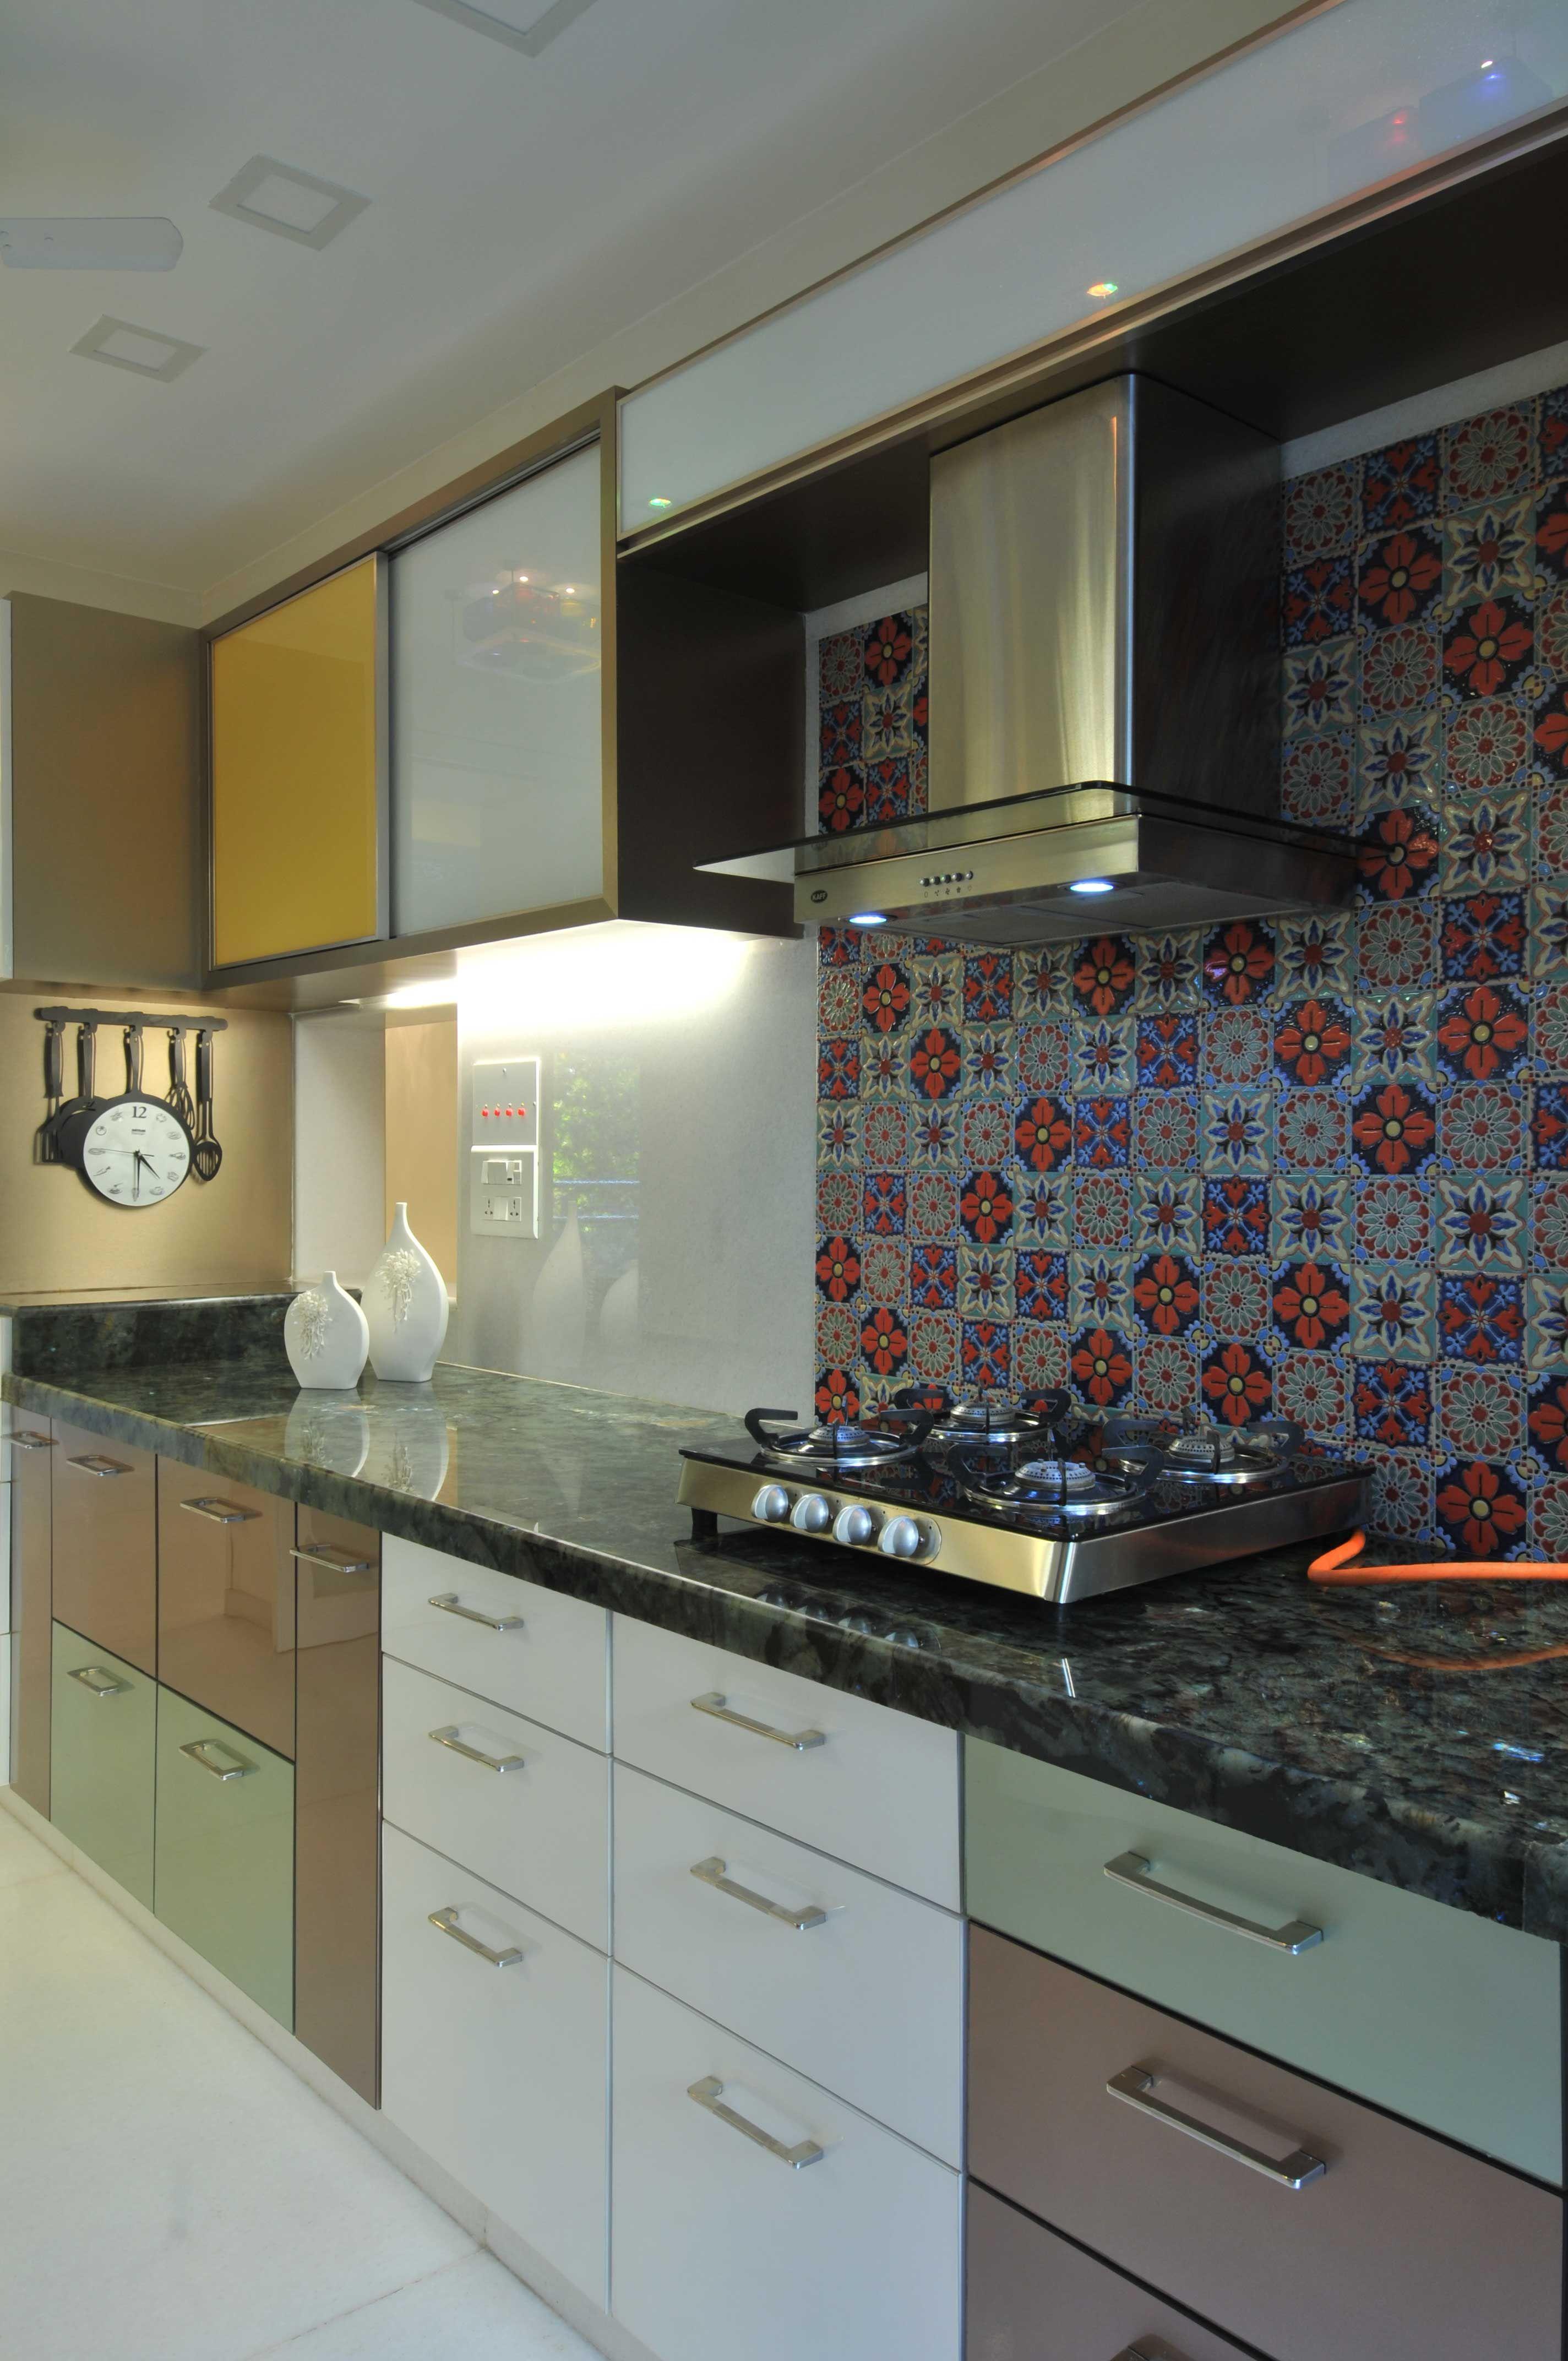 Large Kitchen By Sonali Shah Architect In Mumbai Maharashtra India Modern Kitchen Design Kitchen Design Help Interior Design Kitchen